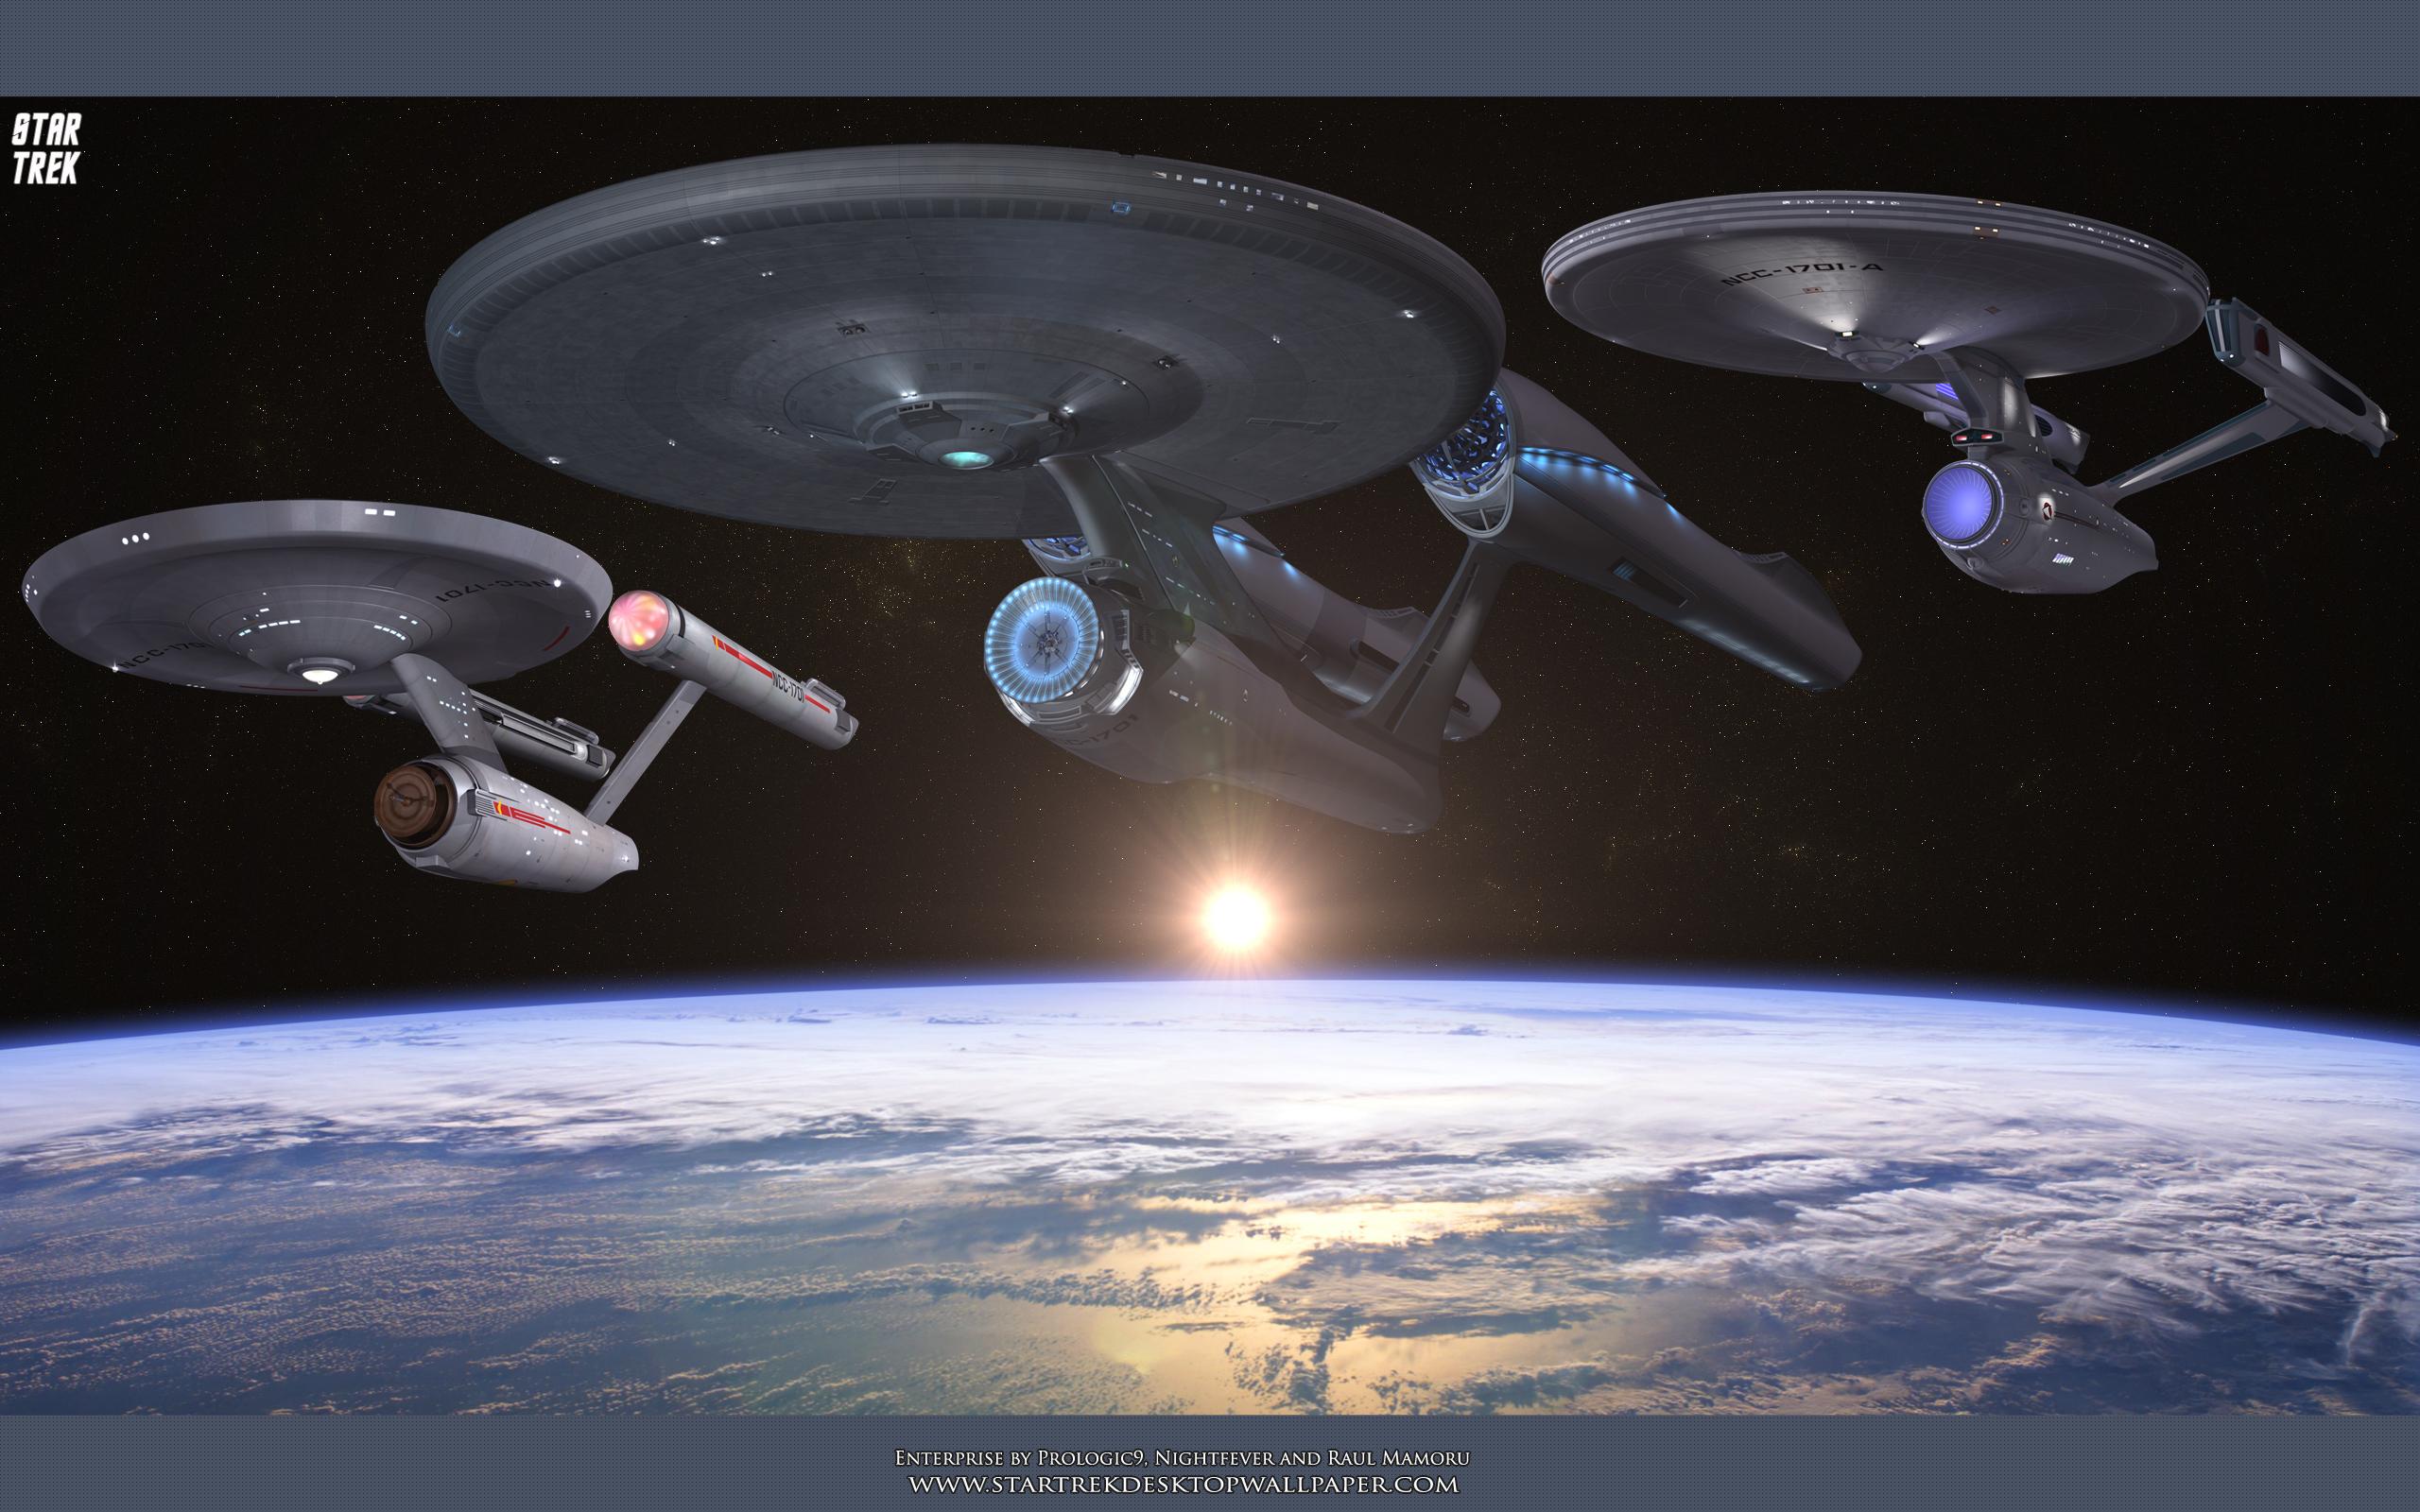 Star Trek Wallpaper A place to deposit Star Trek desktop backgrounds 2560x1600